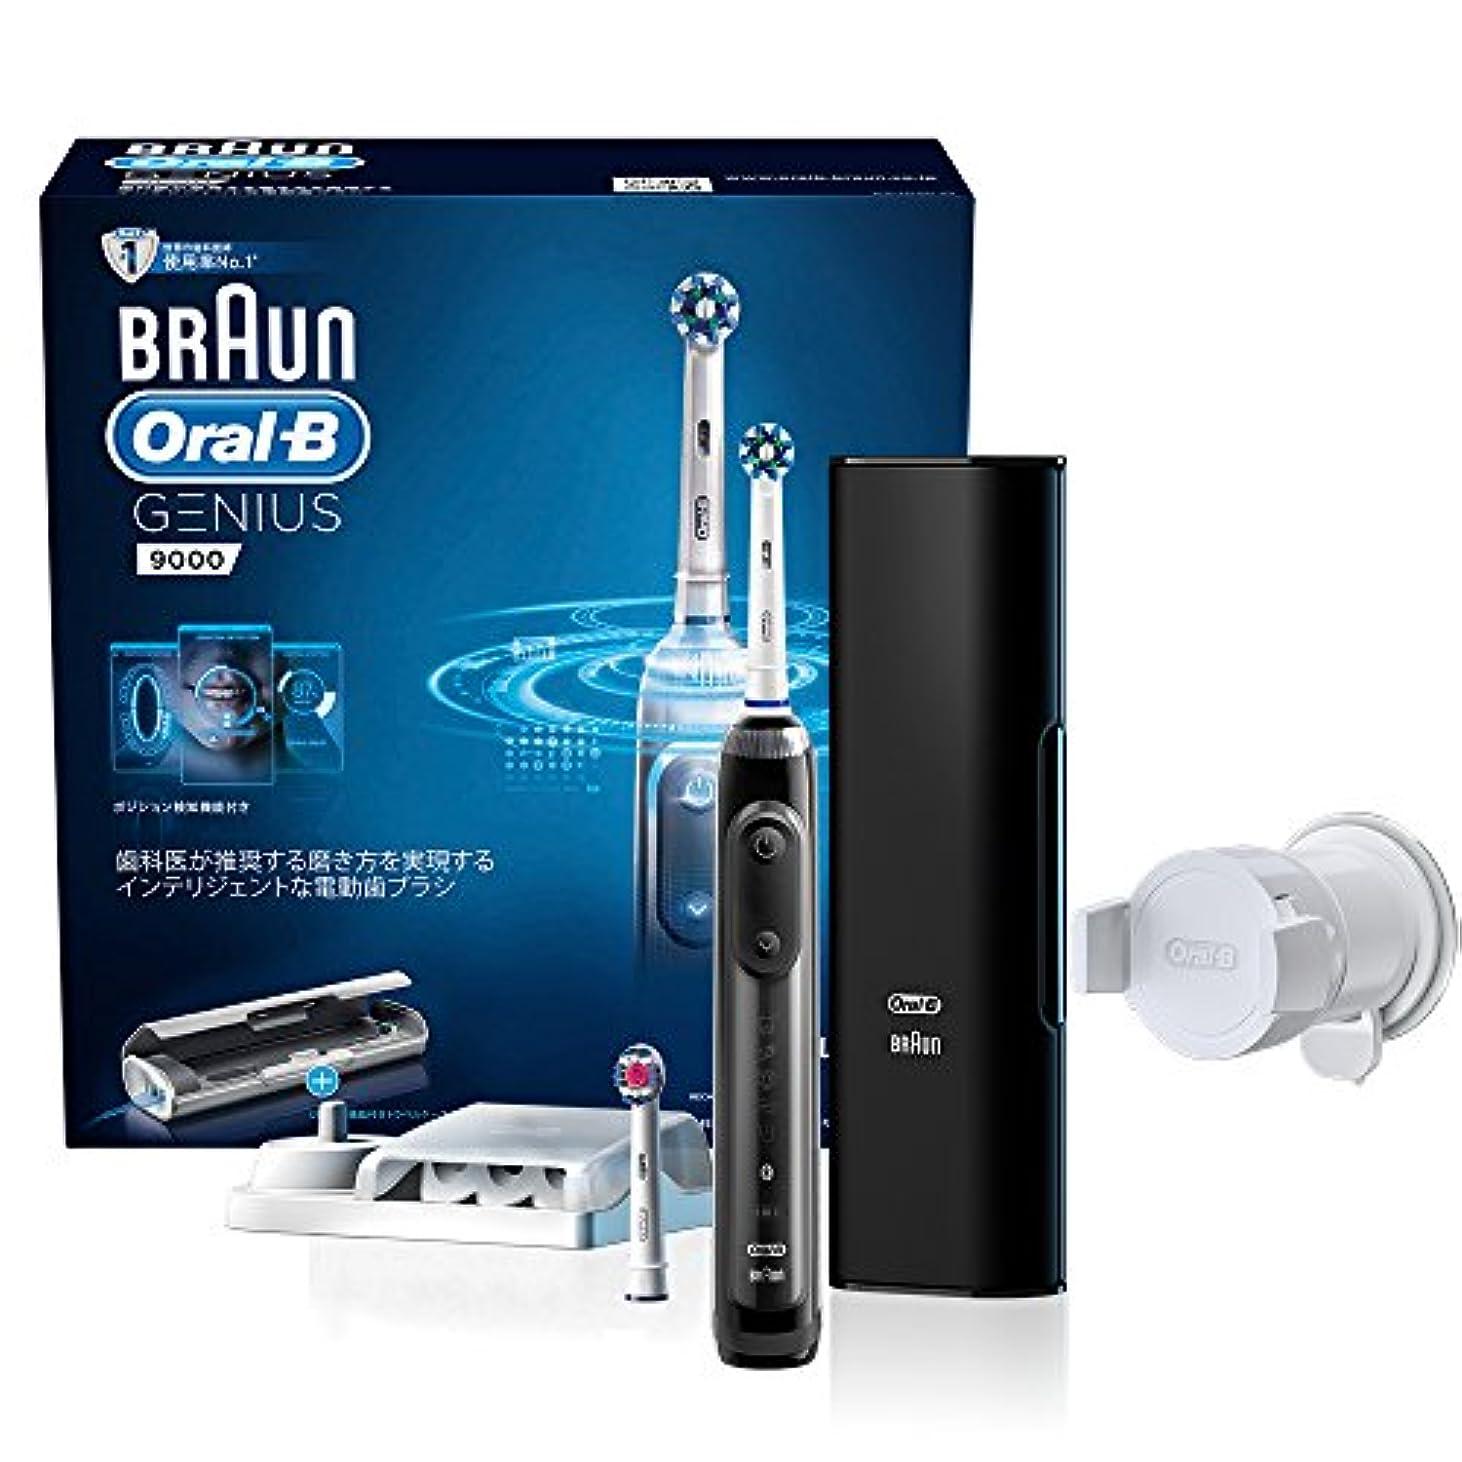 アサート成長する法令ブラウン オーラルB 電動歯ブラシ ジーニアス 9000 マルチアクション/ホワイトニングブラシ付属 ブラック D7015256XCBK